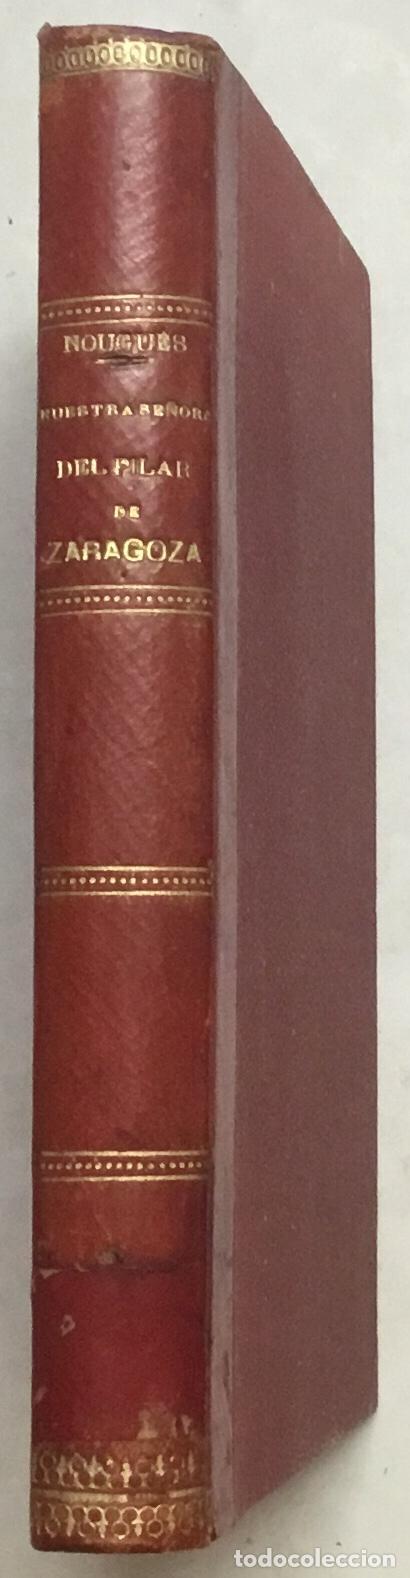 Libros antiguos: HISTORIA CRÍTICA Y APOLOGÉTICA DE LA VIRGEN NUESTRA SEÑORA DEL PILAR DE ZARAGOZA Y DE SU TEMPLO Y TA - Foto 4 - 123223659